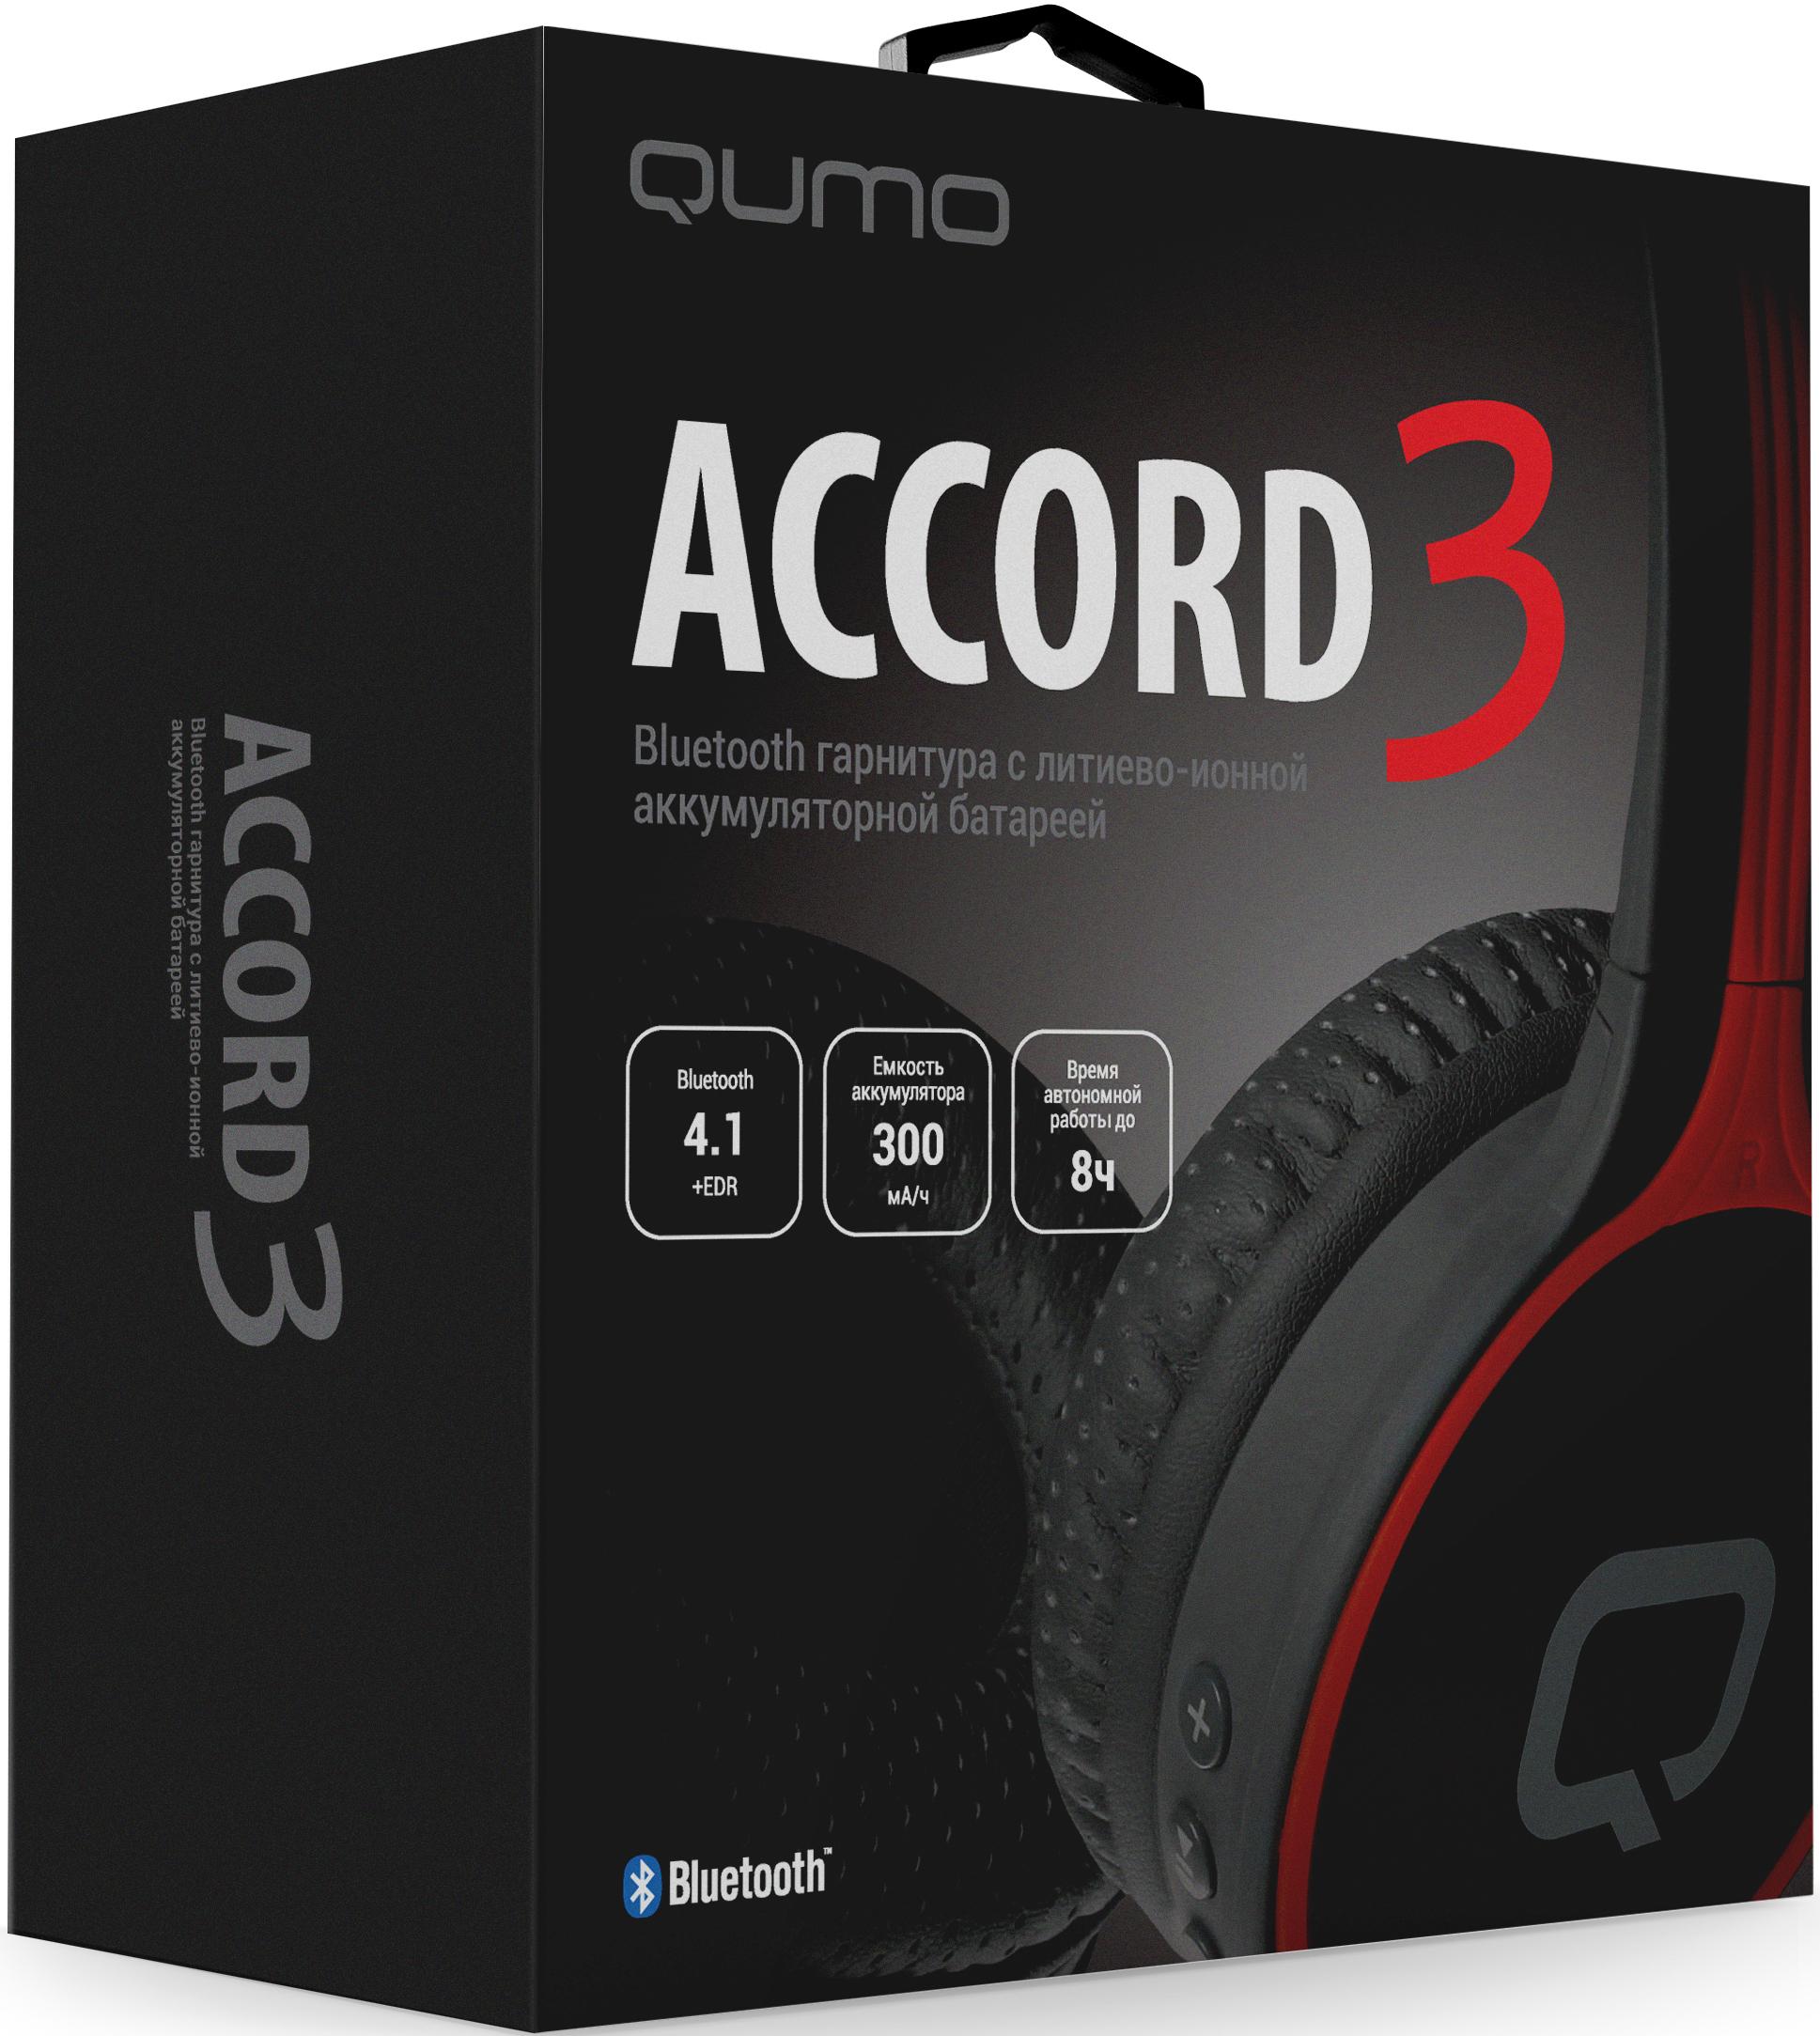 Bluetooth гарнитура Qumo Accord 3 (BT-0020) (Черно-красные)Накладная bluetooth гарнитура Qumo Accord 3 (BT-0020) обеспечивает максимальный комфорт и до 6 часов в режиме разговора.<br>